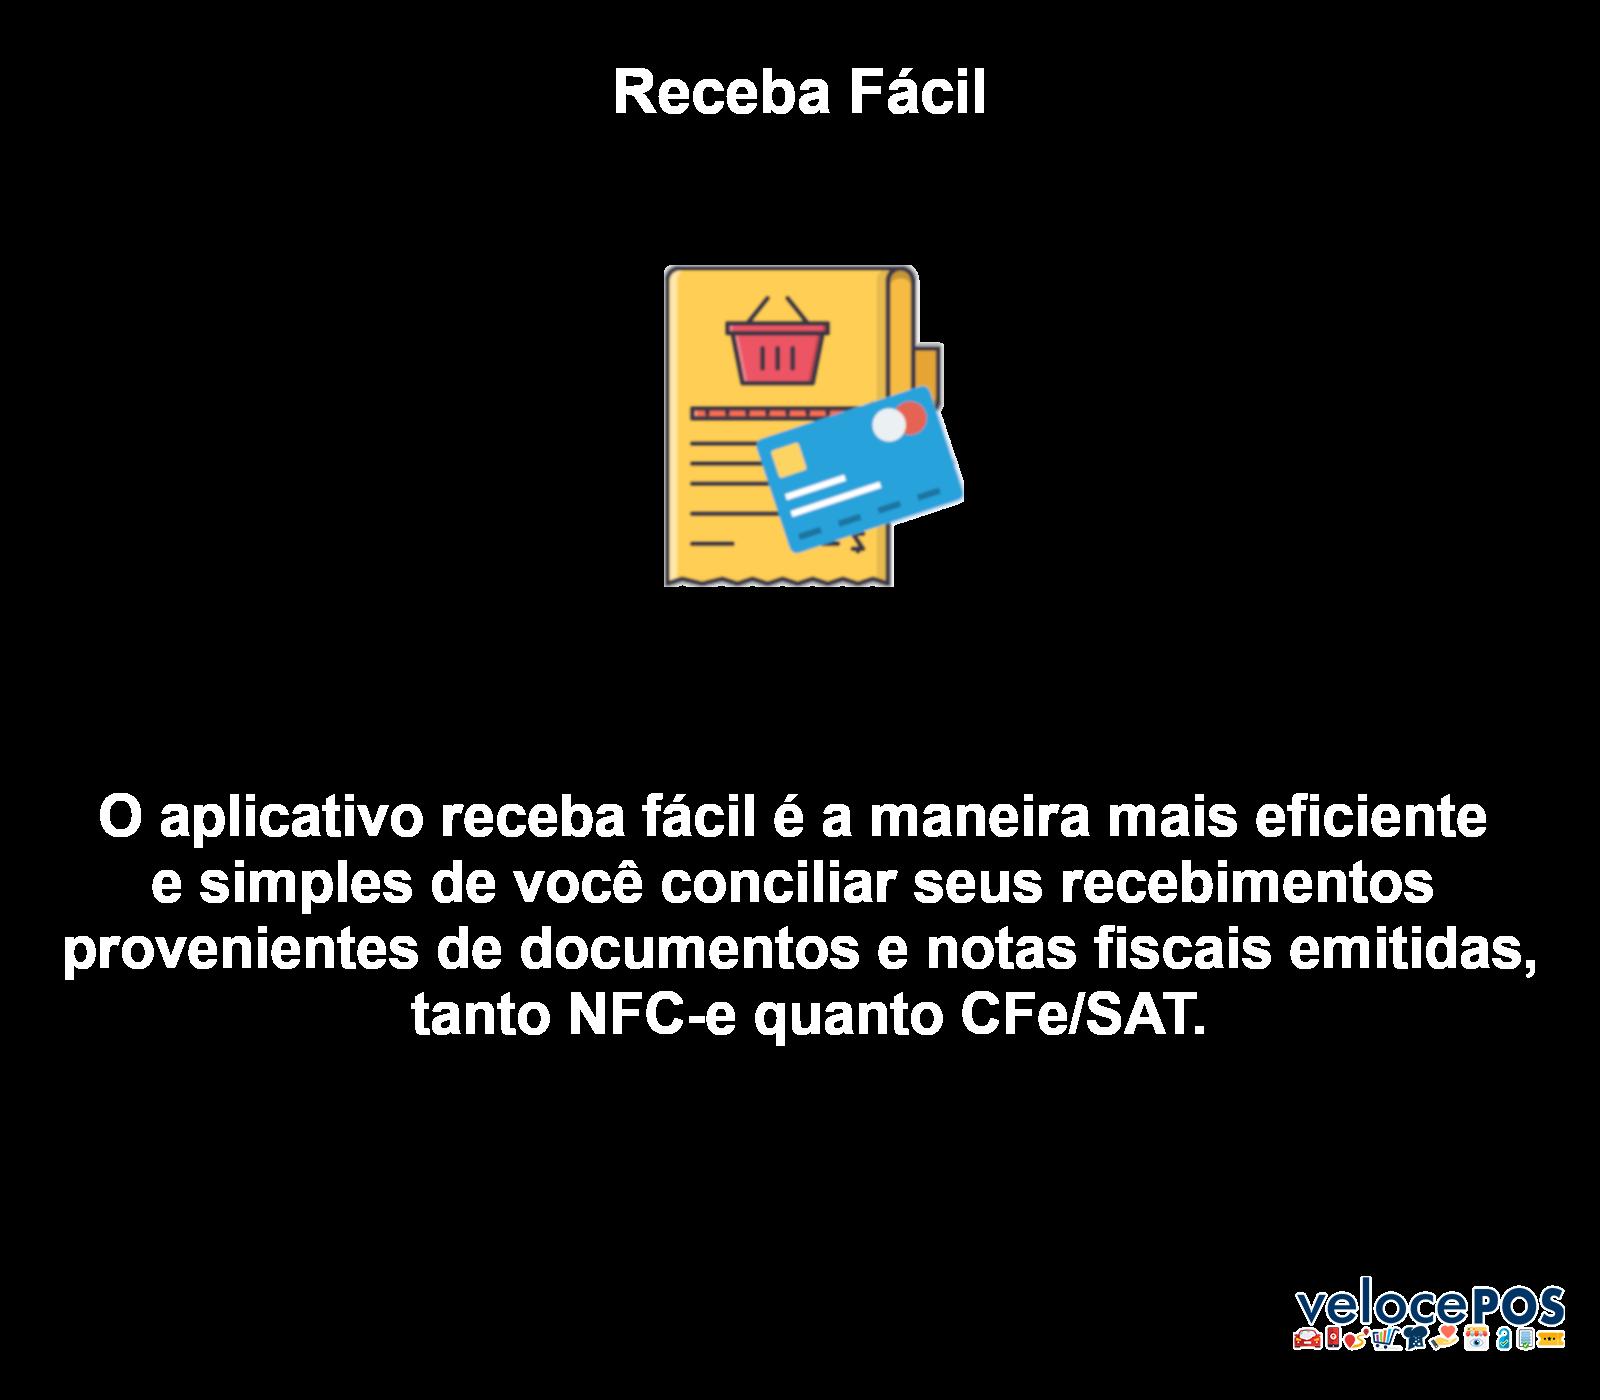 Receba Fácil